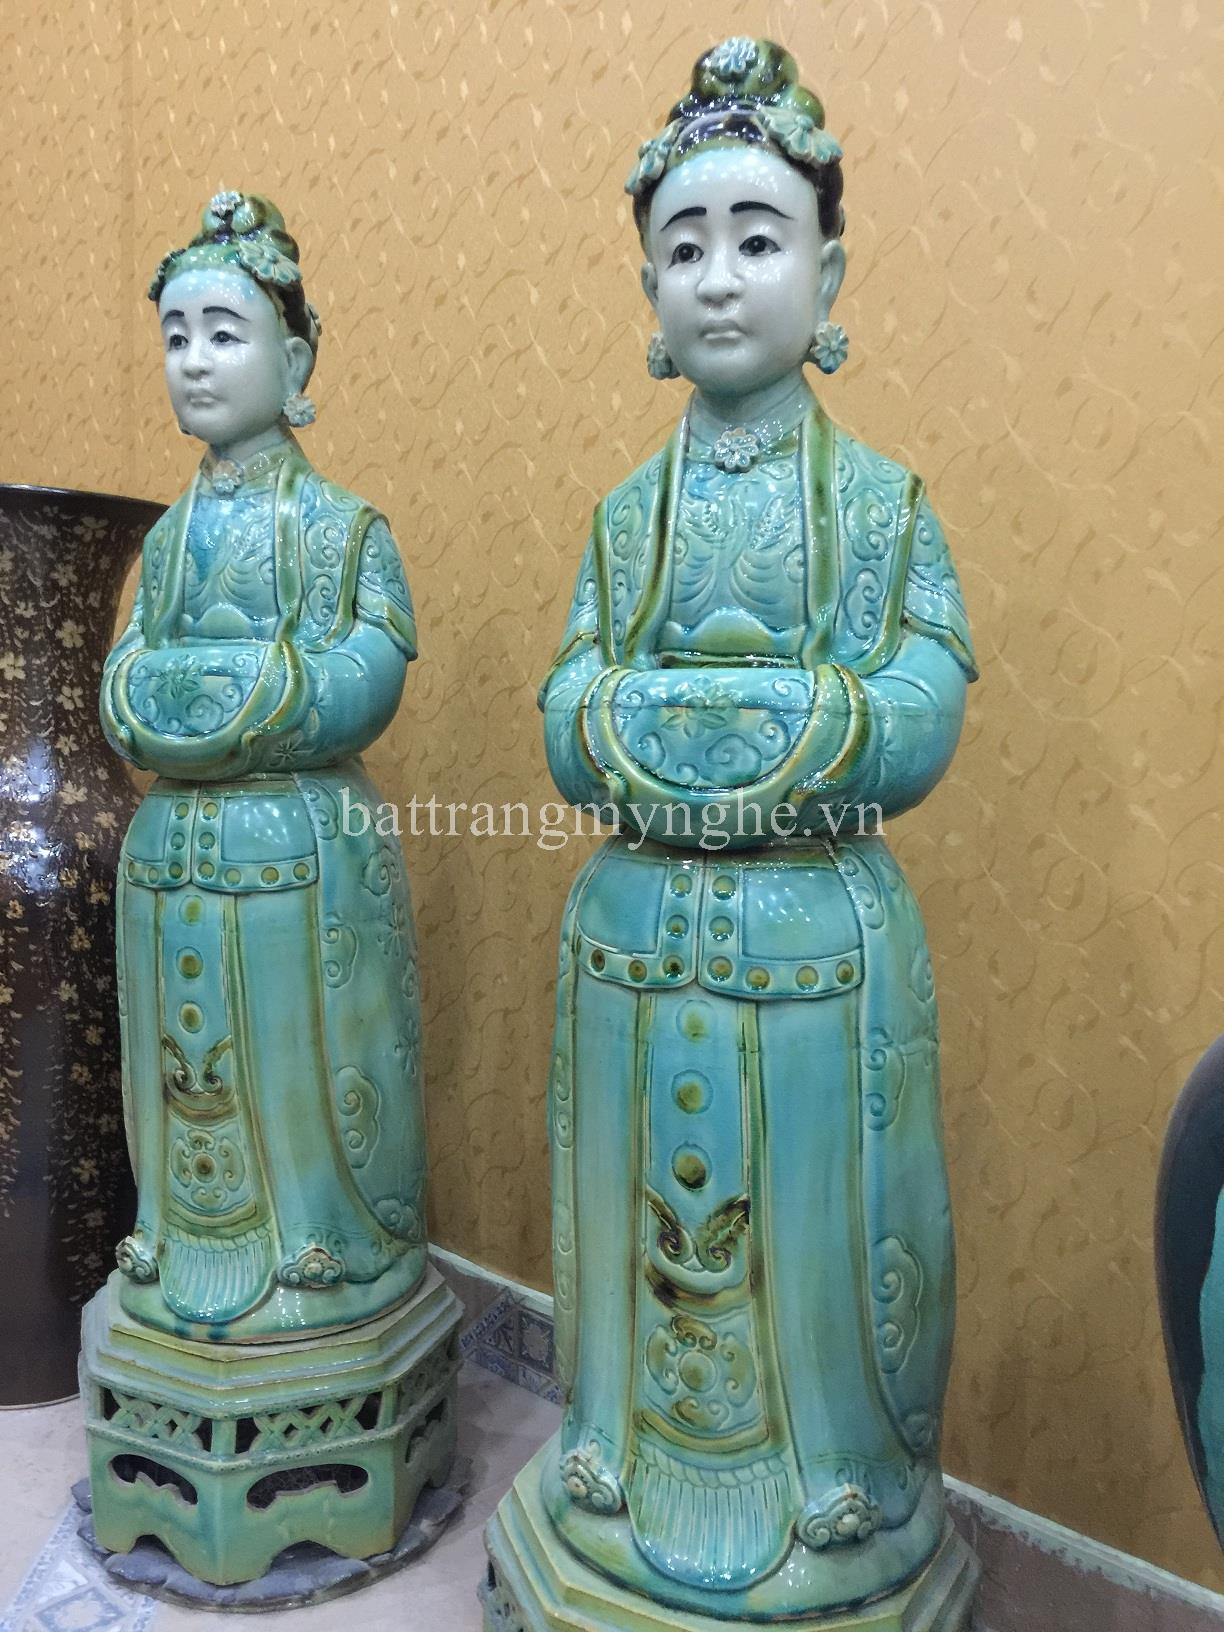 Đôi tượng nữ quý tộc thời Lê